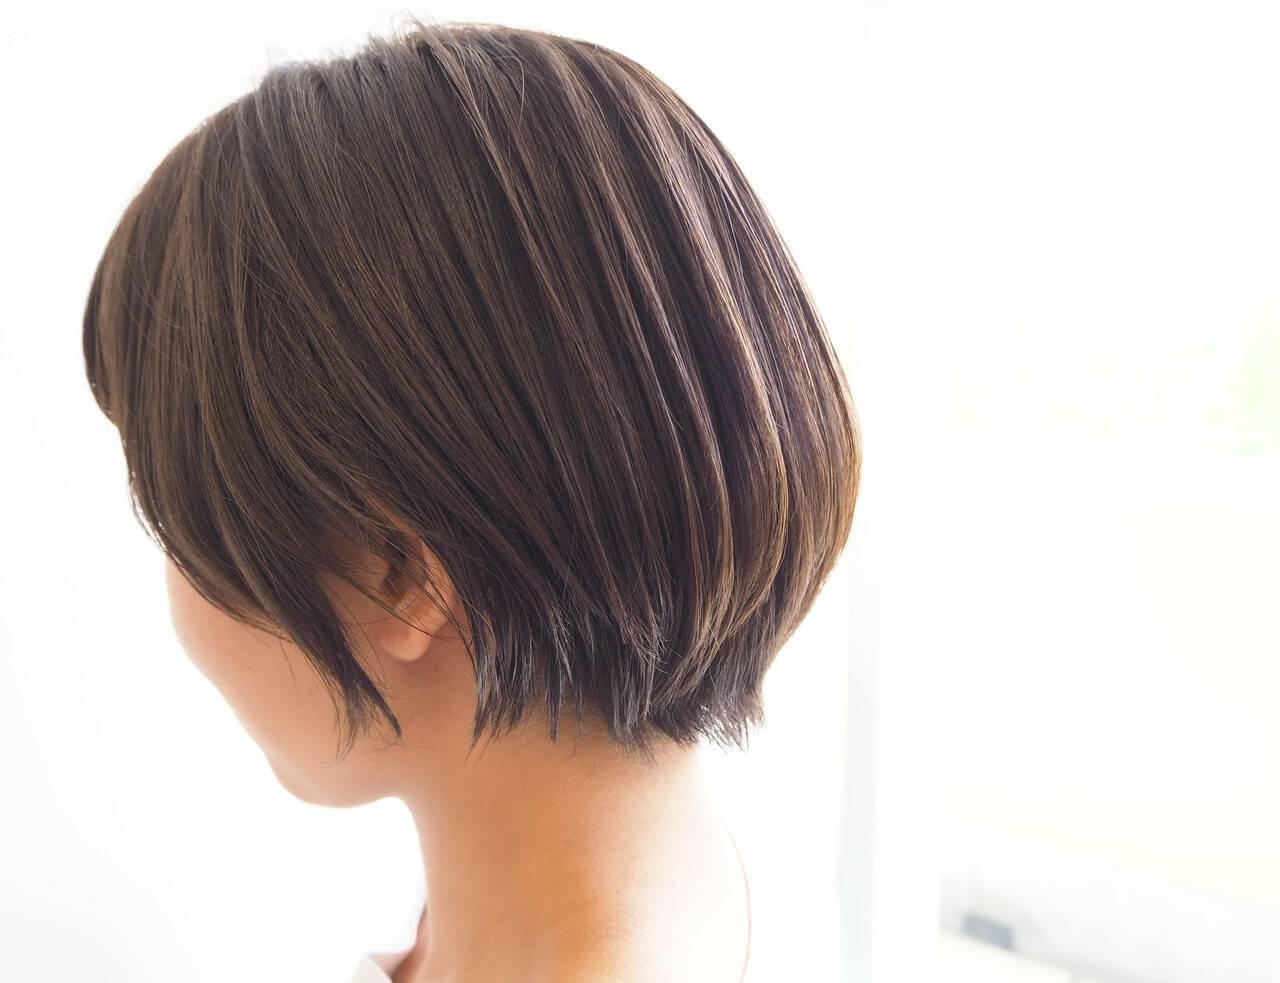 ミニボブ ショートヘア ナチュラル ショートヘアスタイルや髪型の写真・画像